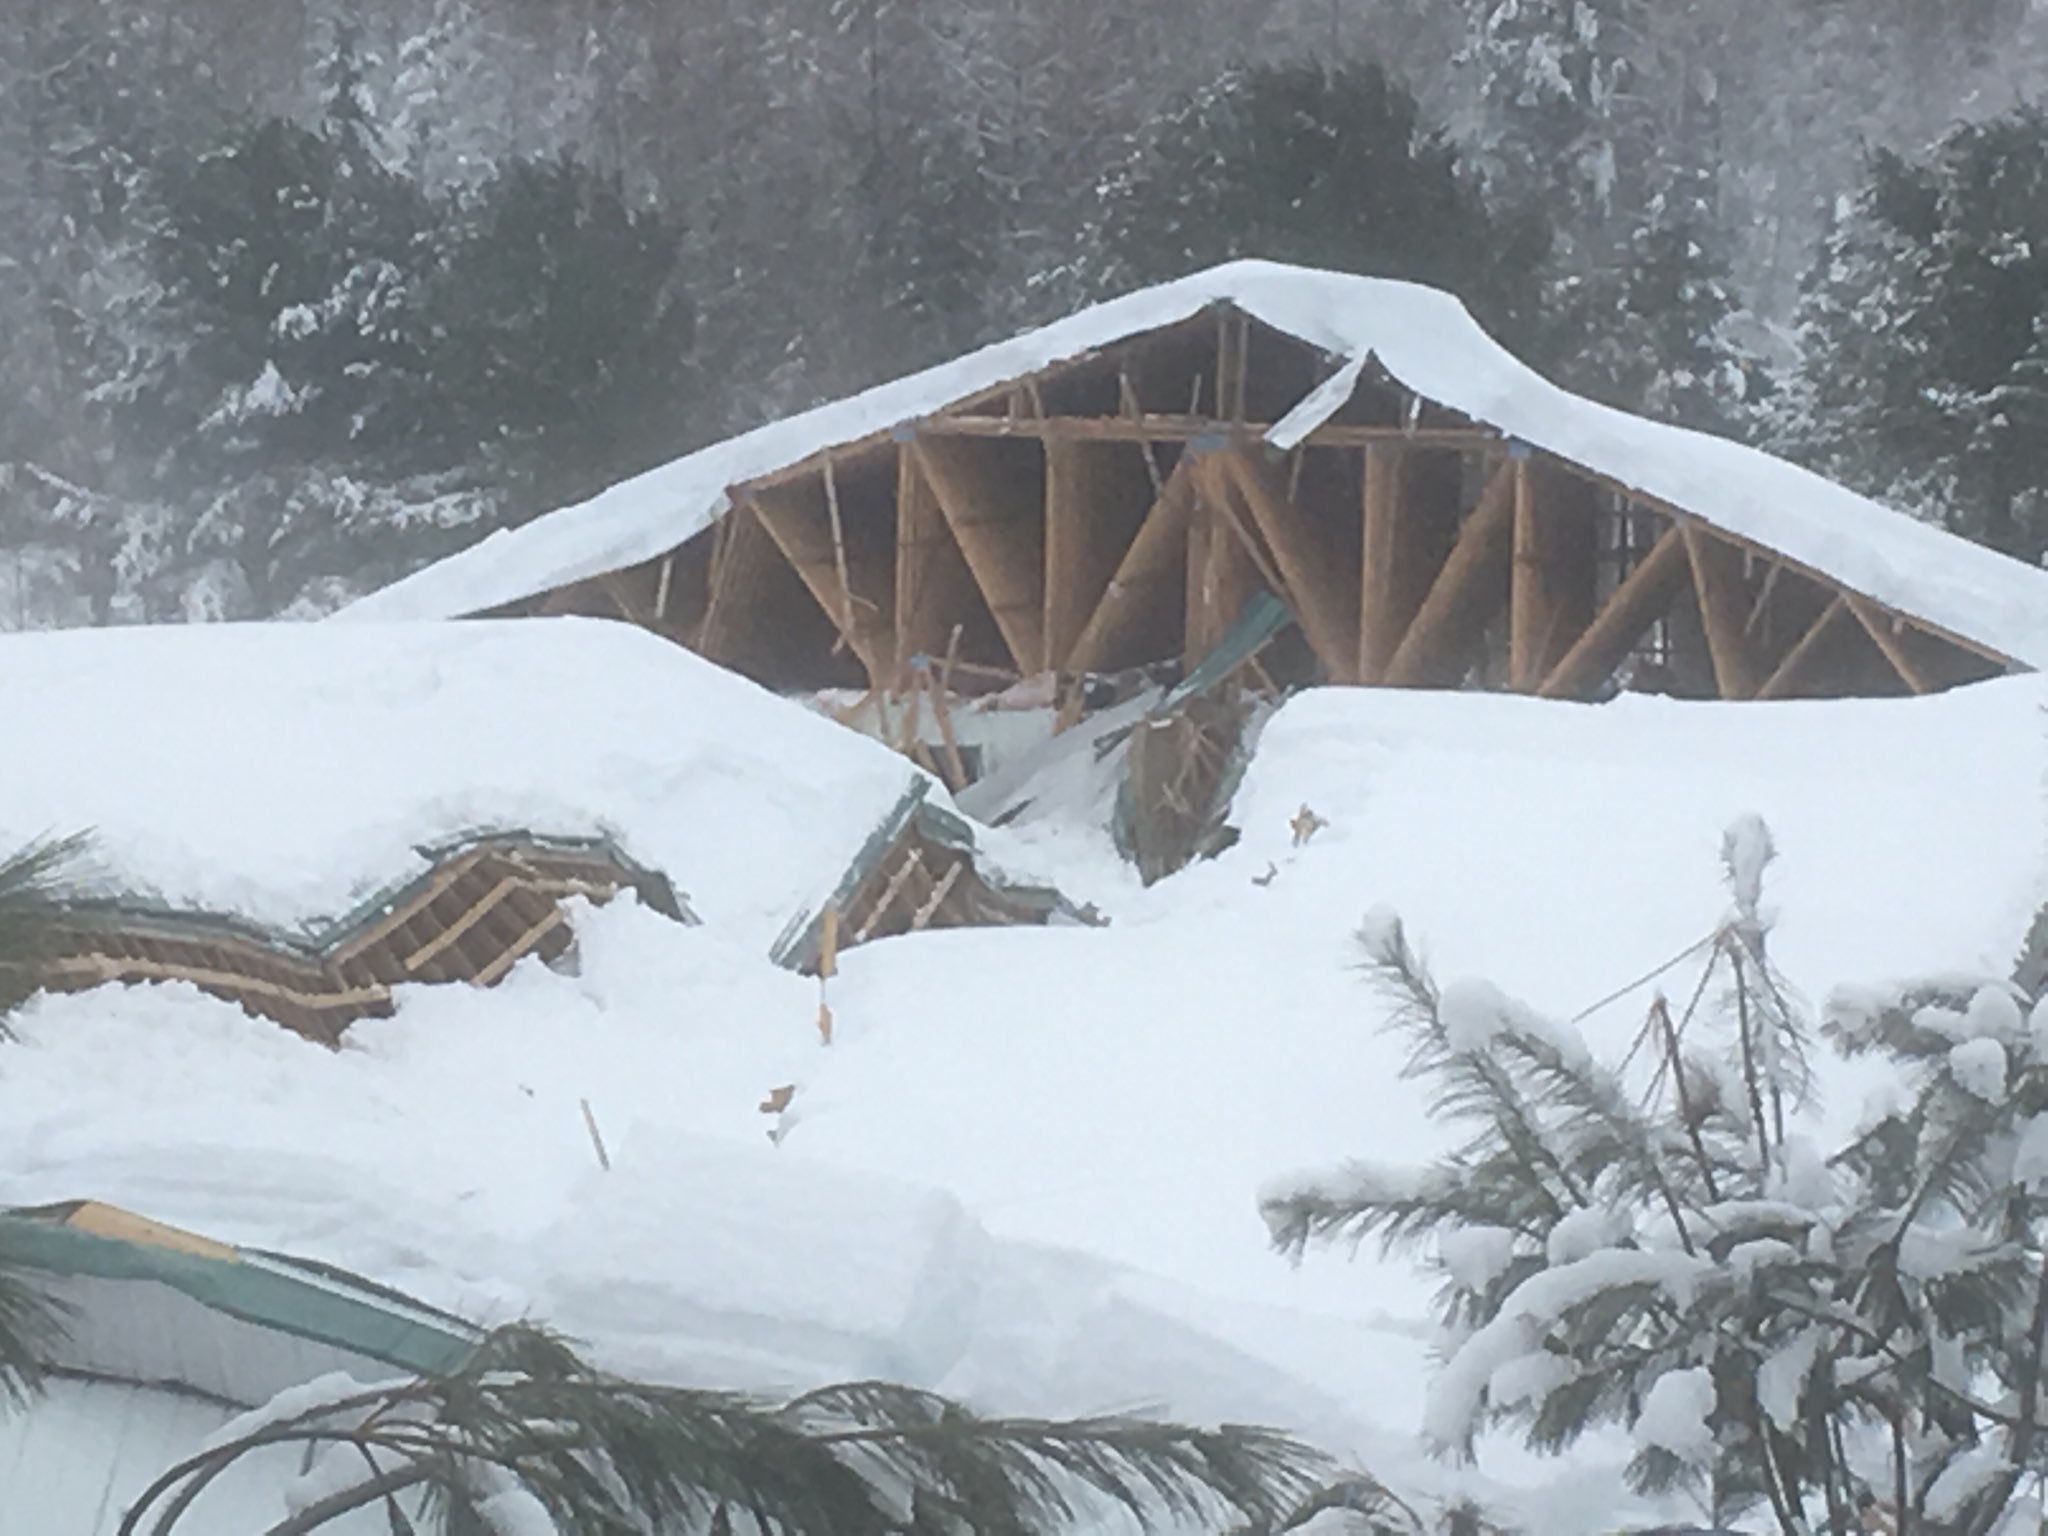 Le toit d'une pisciculture s'effondre à Saint-Alexis-des-Monts